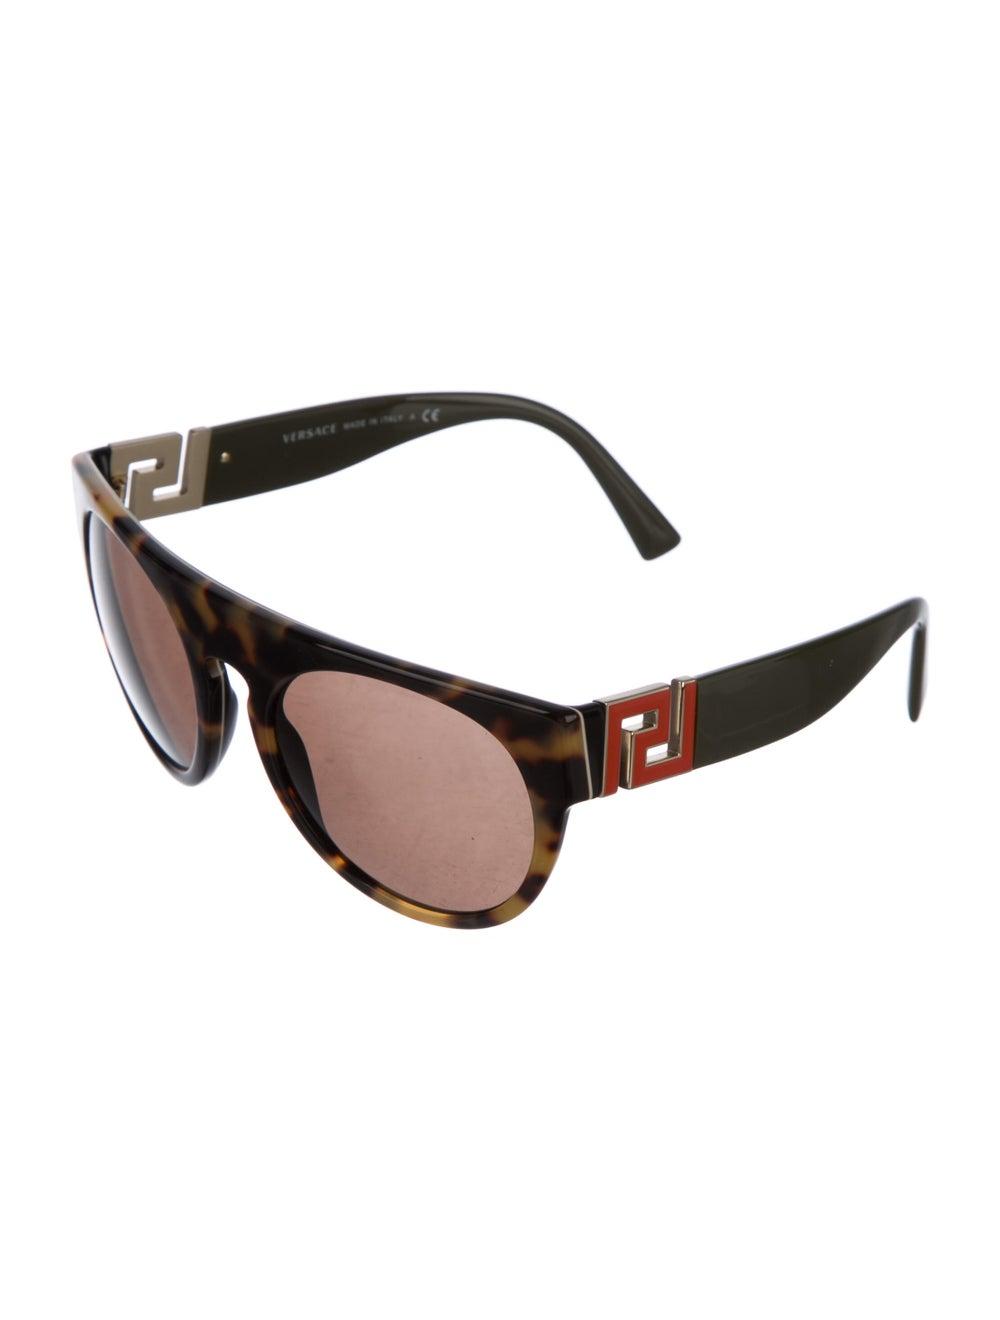 Versace Cat-Eye Mirrored Sunglasses Brown - image 2